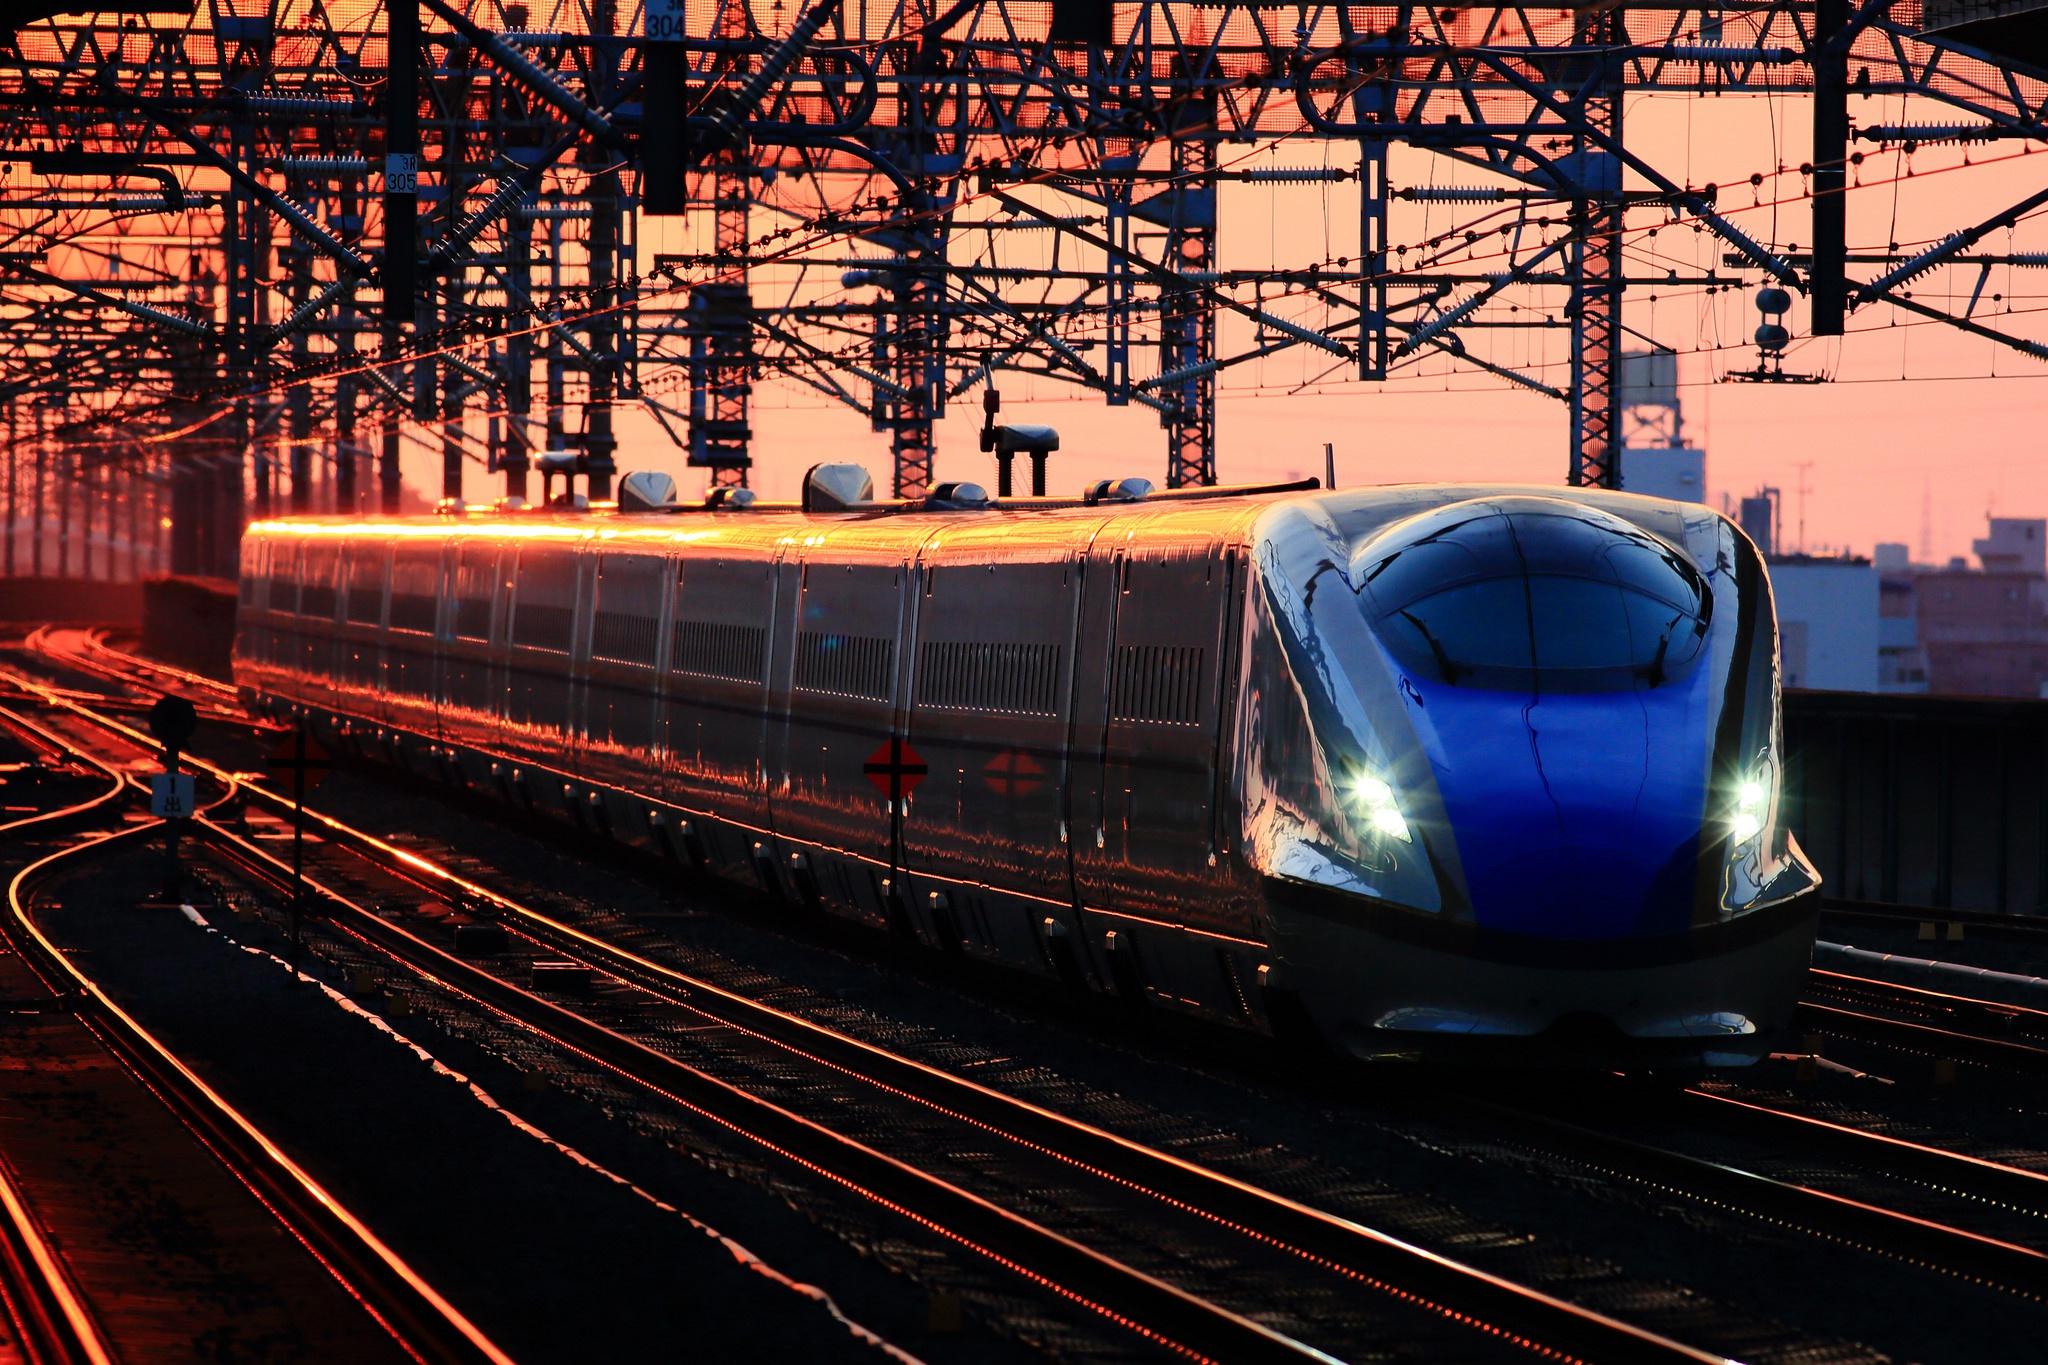 Все виды поездов в картинках